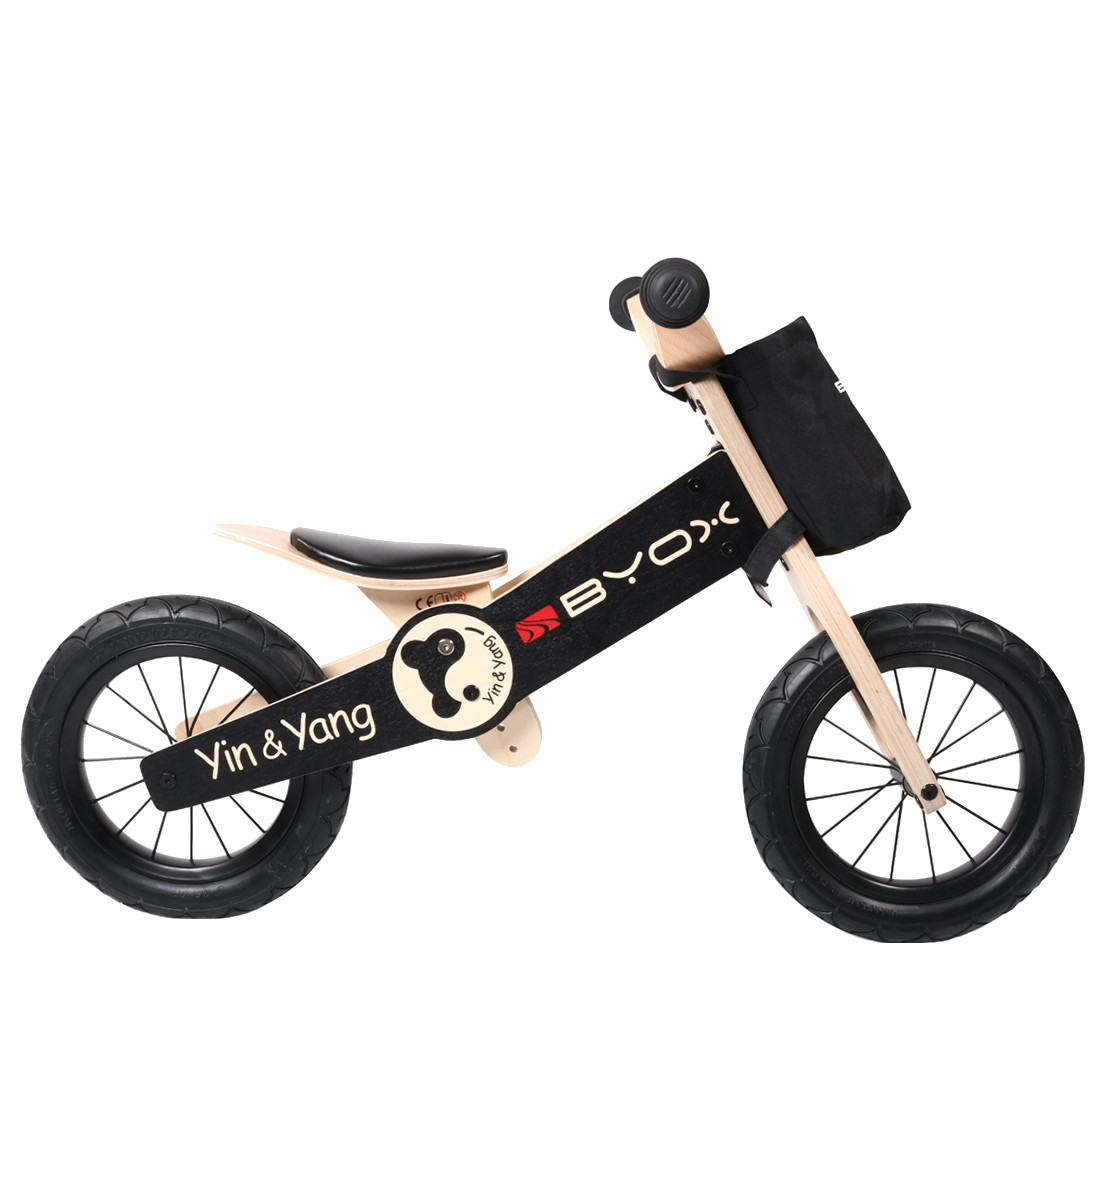 73445abae8c store.bg - Yin Yang - Детски дървен велосипед без педали